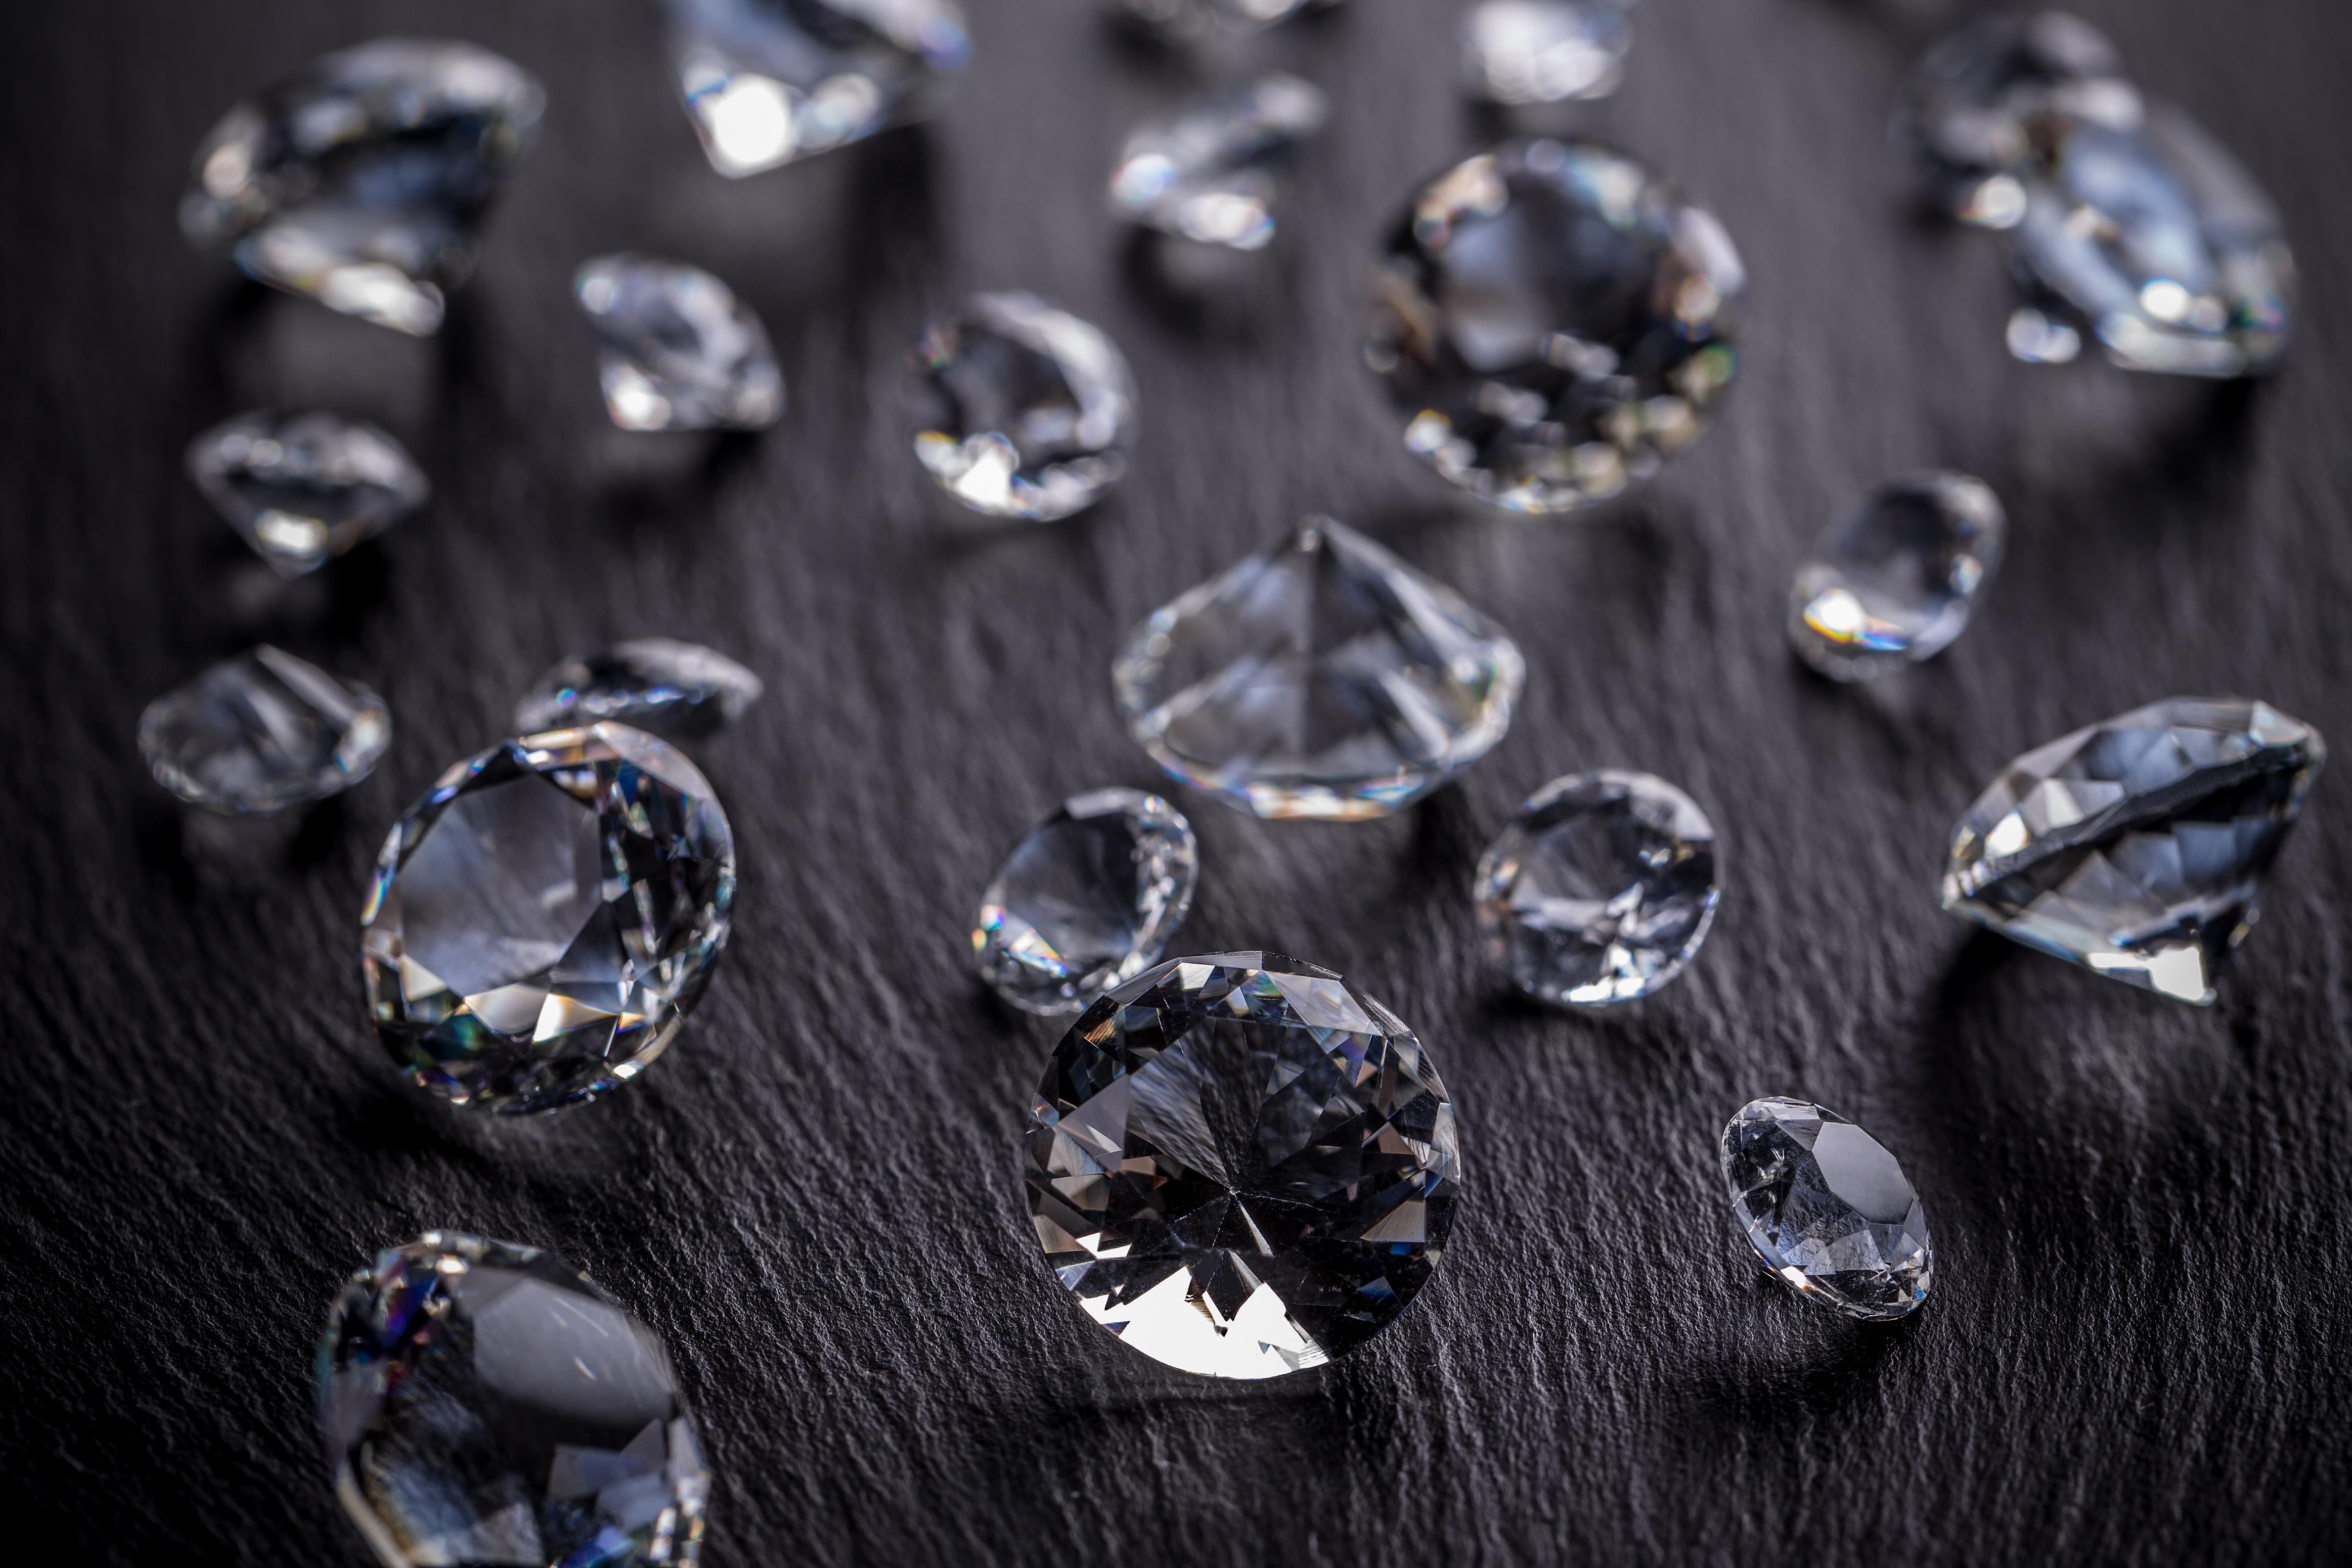 россыпи бриллиантов вертикальные картинки что этот маленький